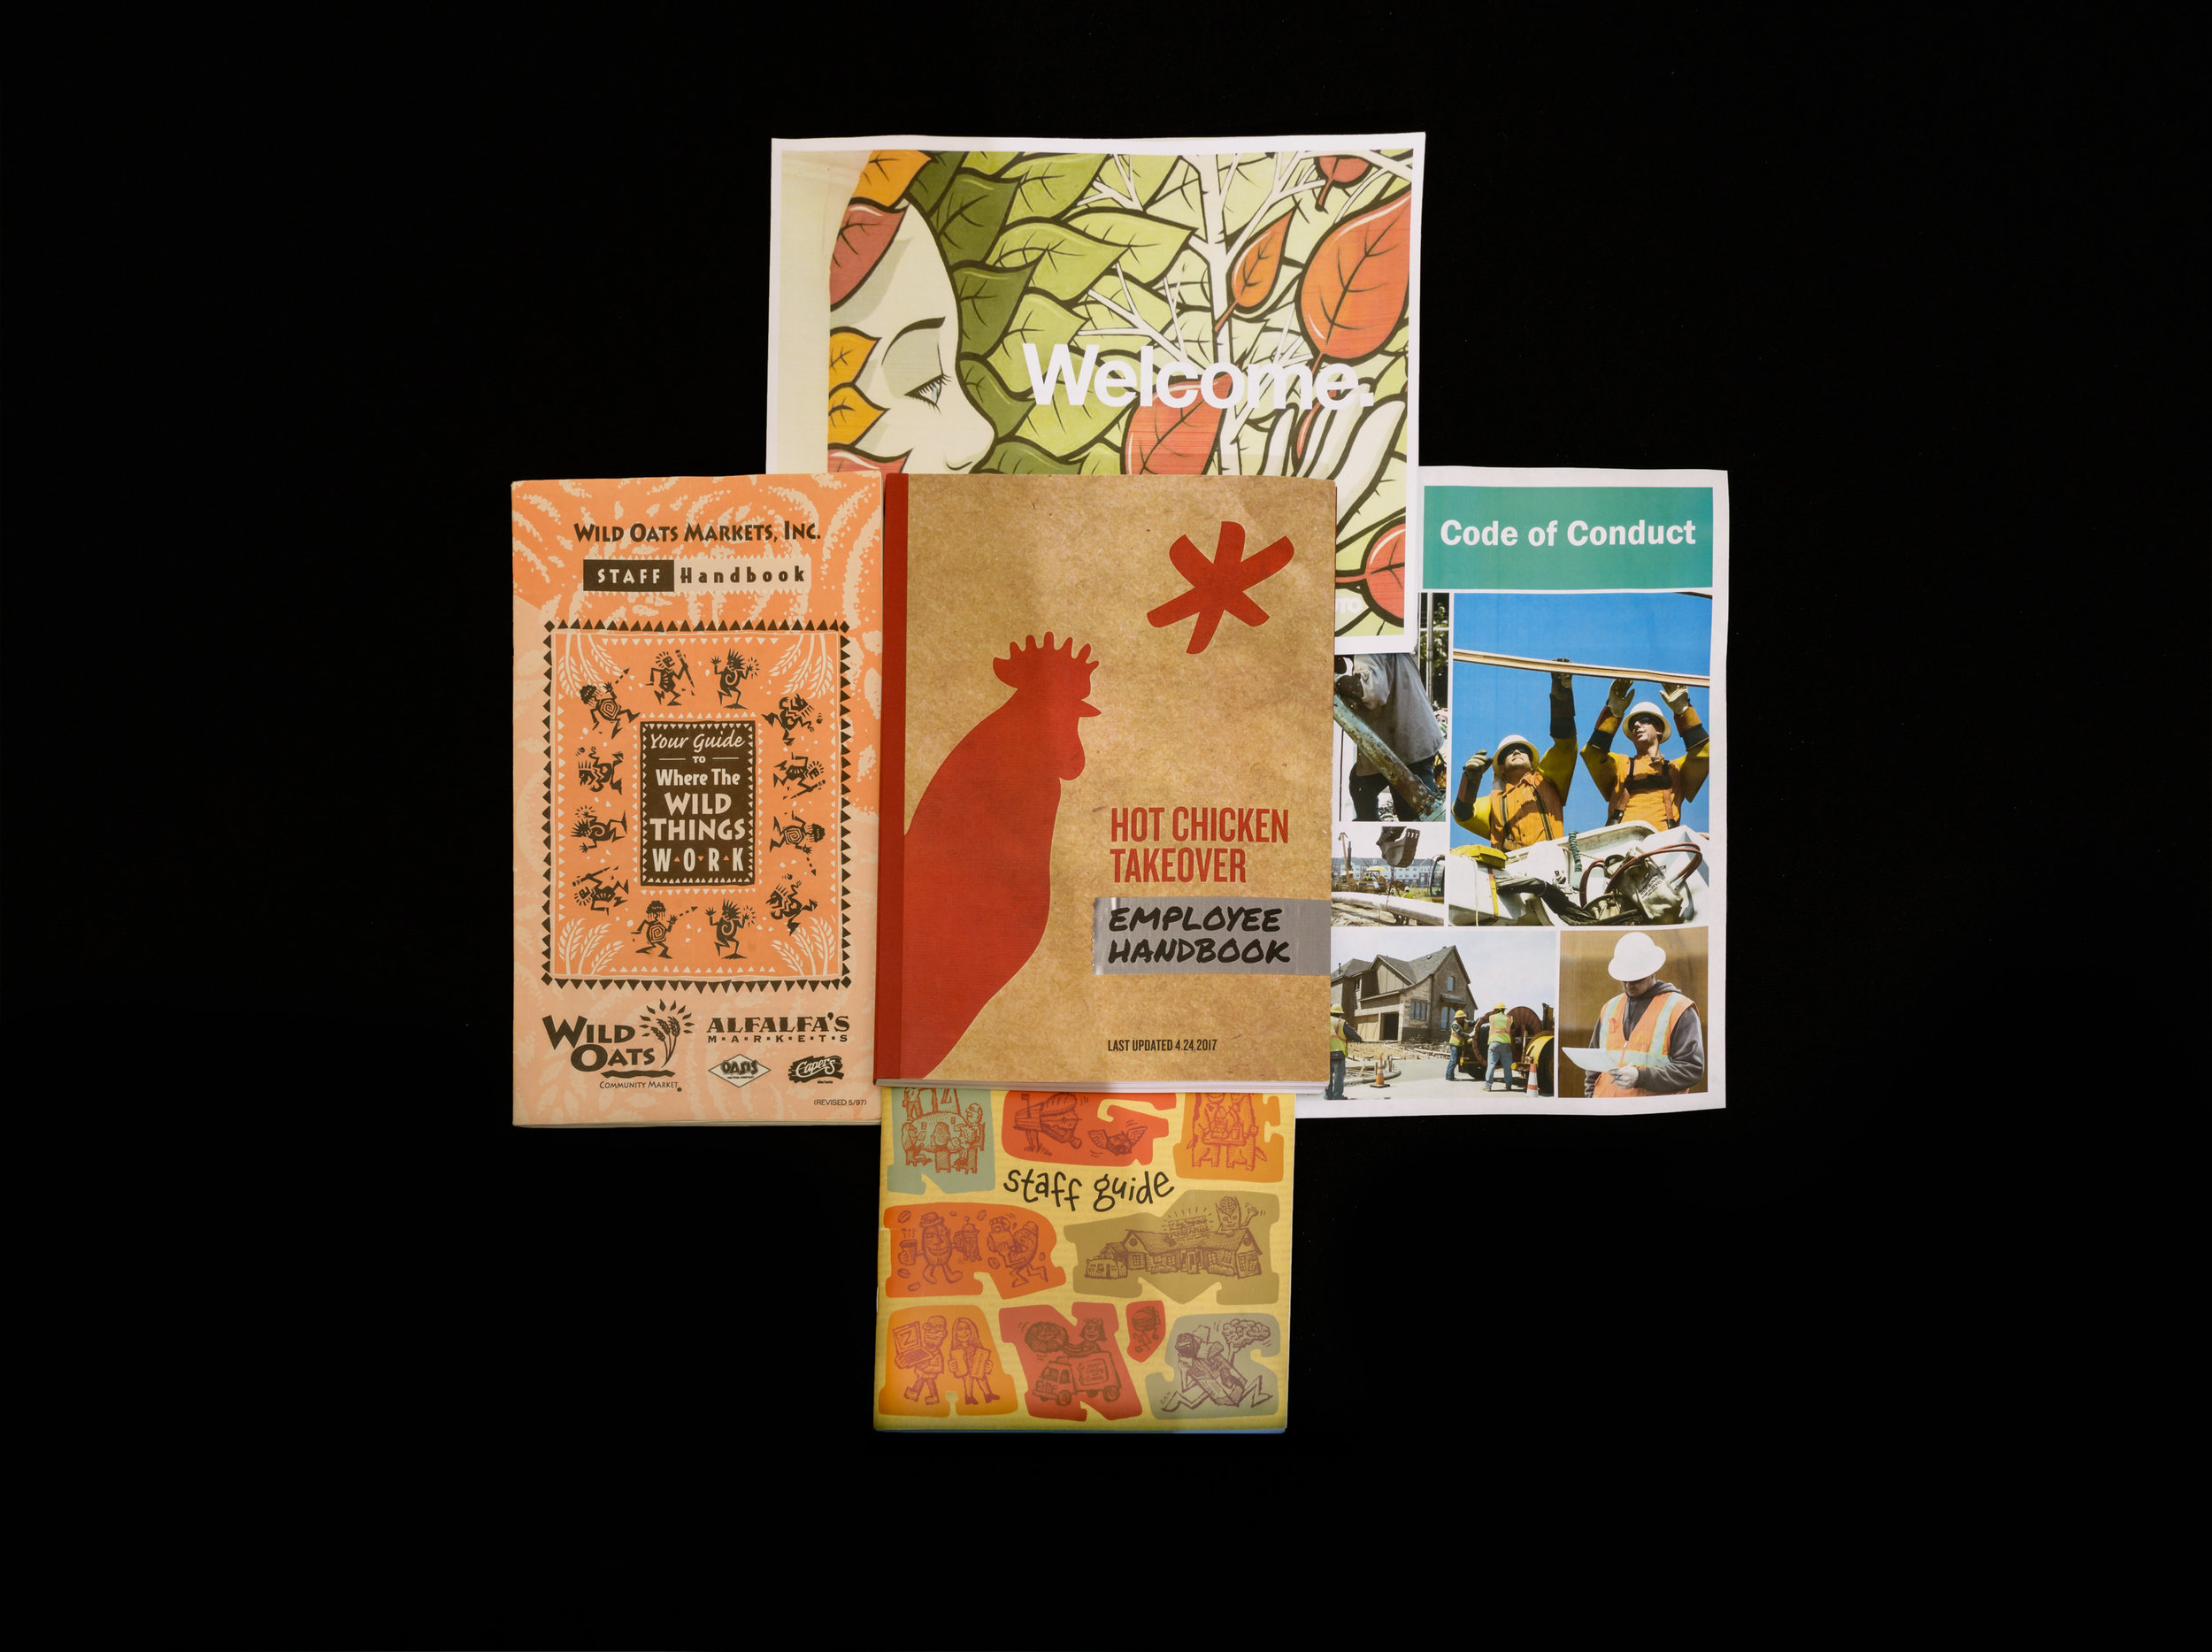 Over 1000 handbooks reviewed!!